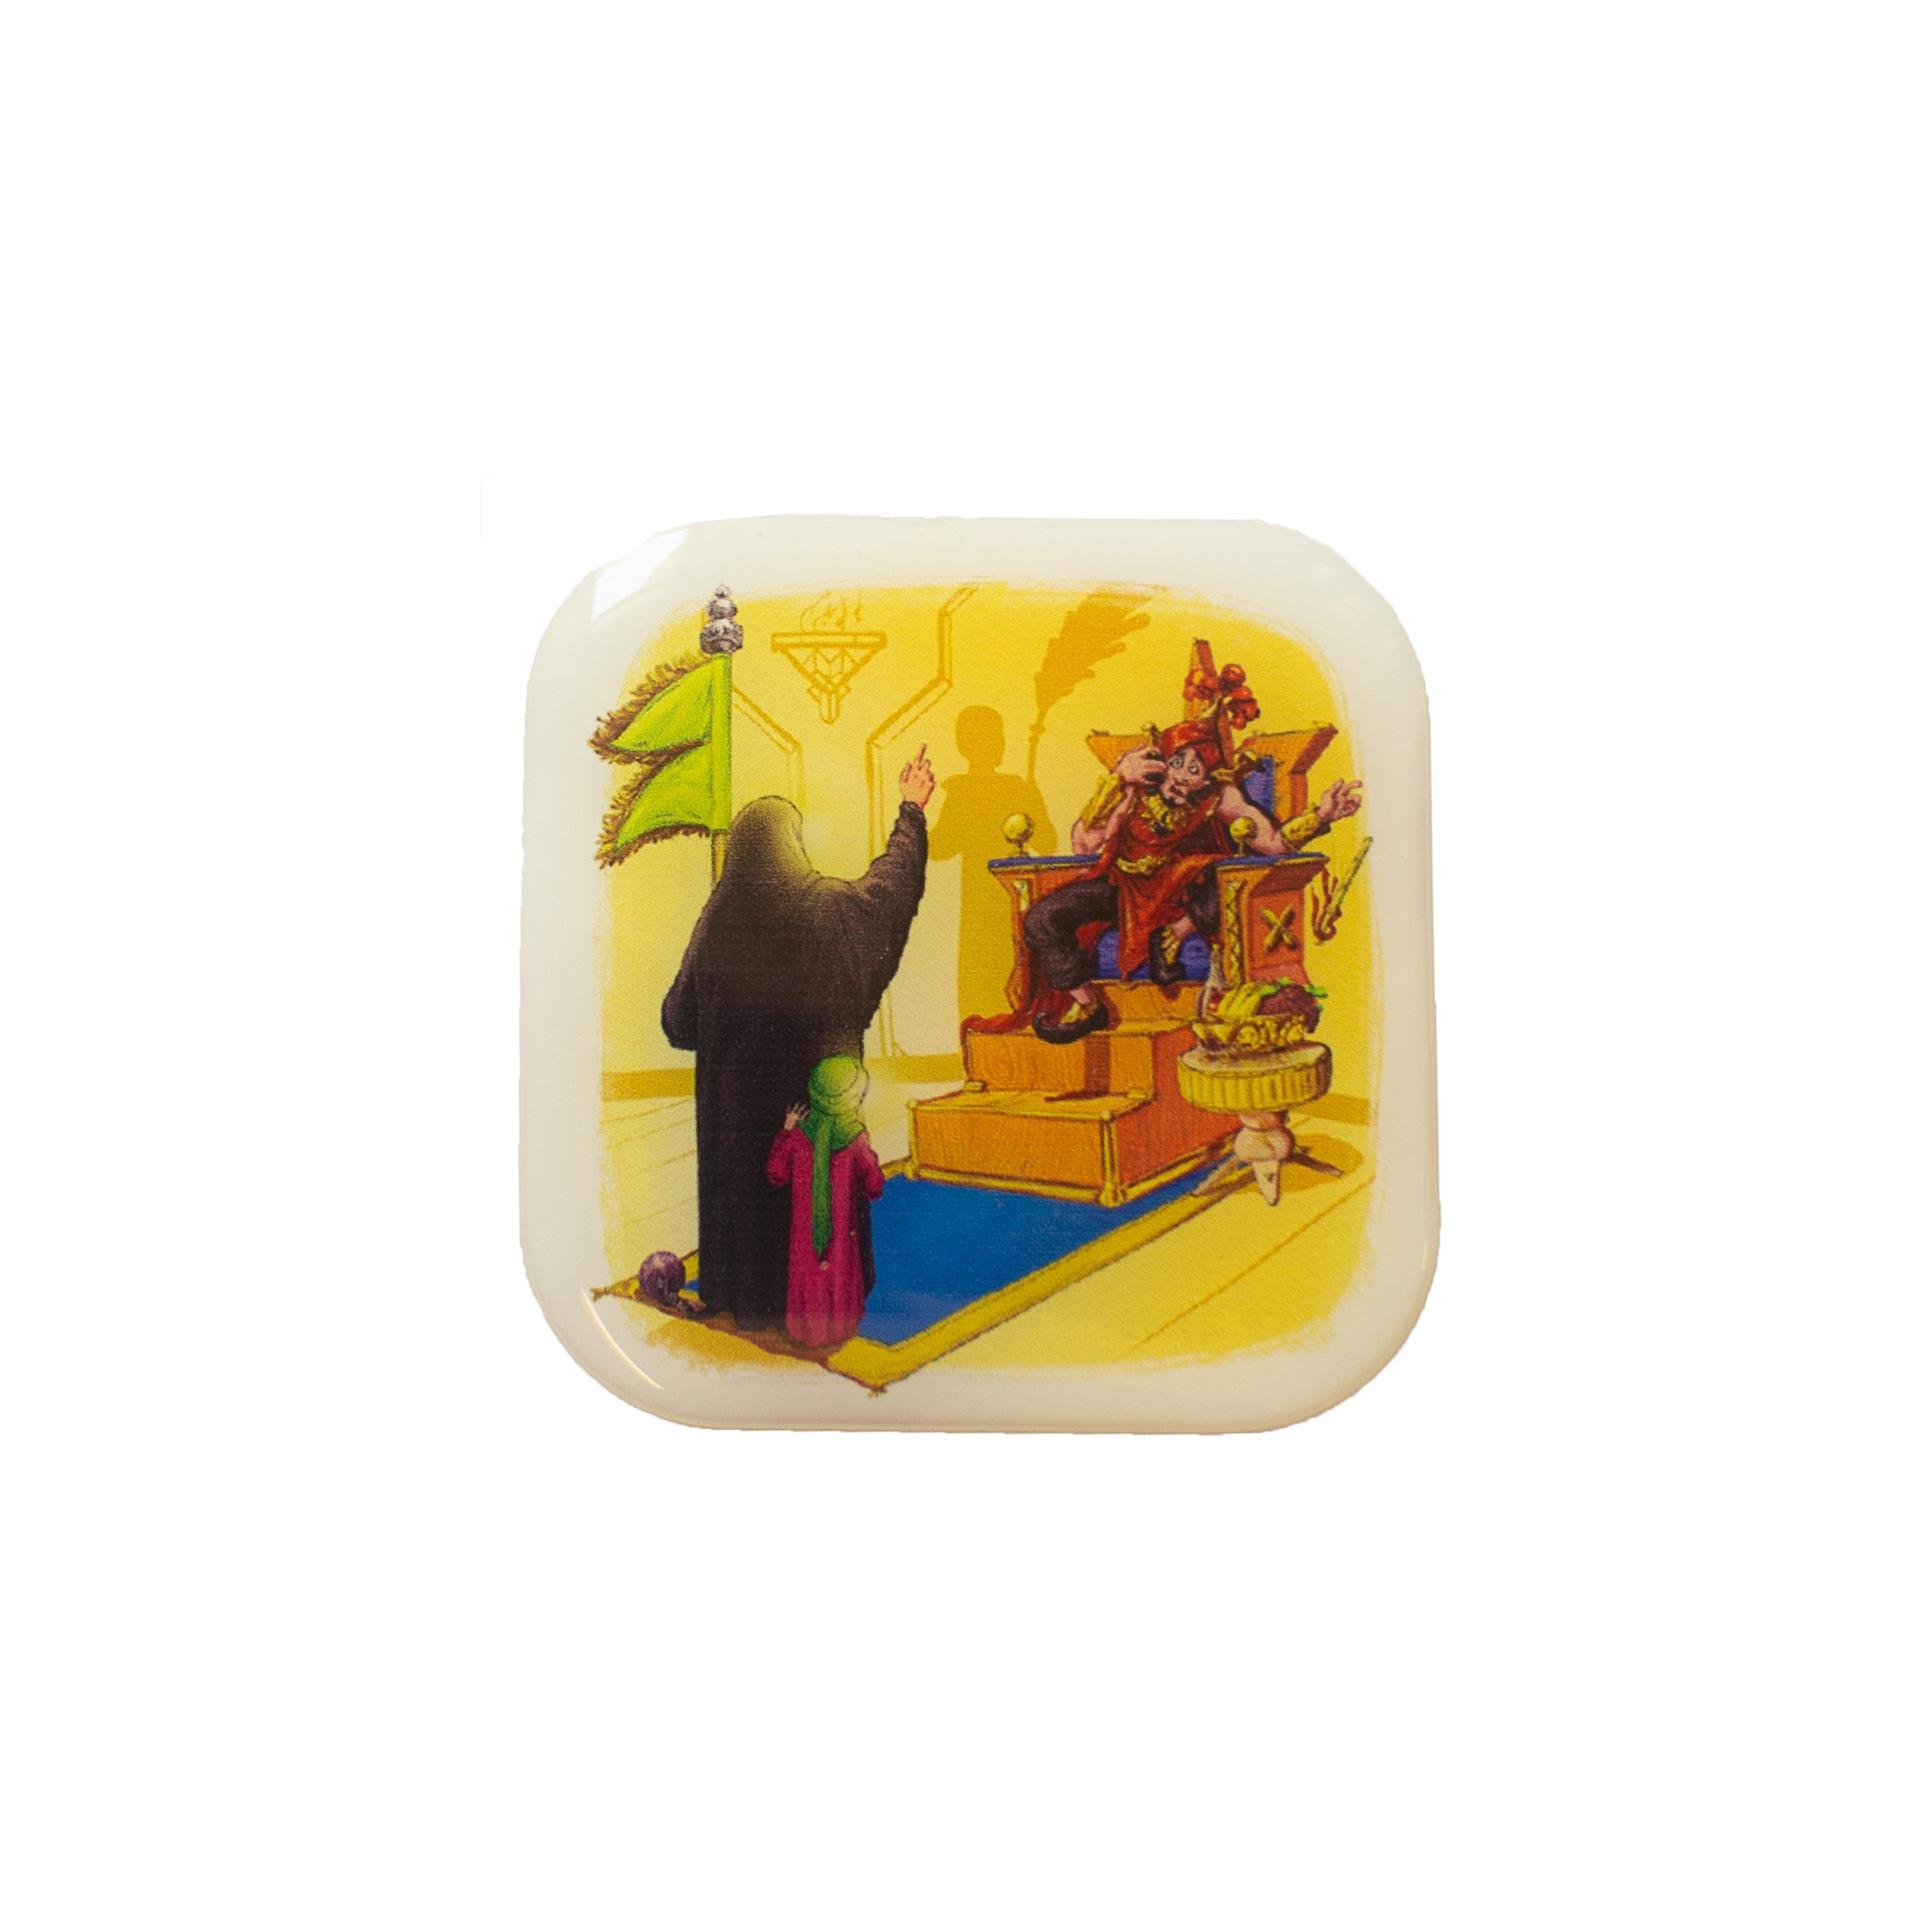 تصویر از استیکر کودک محرم طرح «خطبه حیدری»۴×۶ سانتیمتر